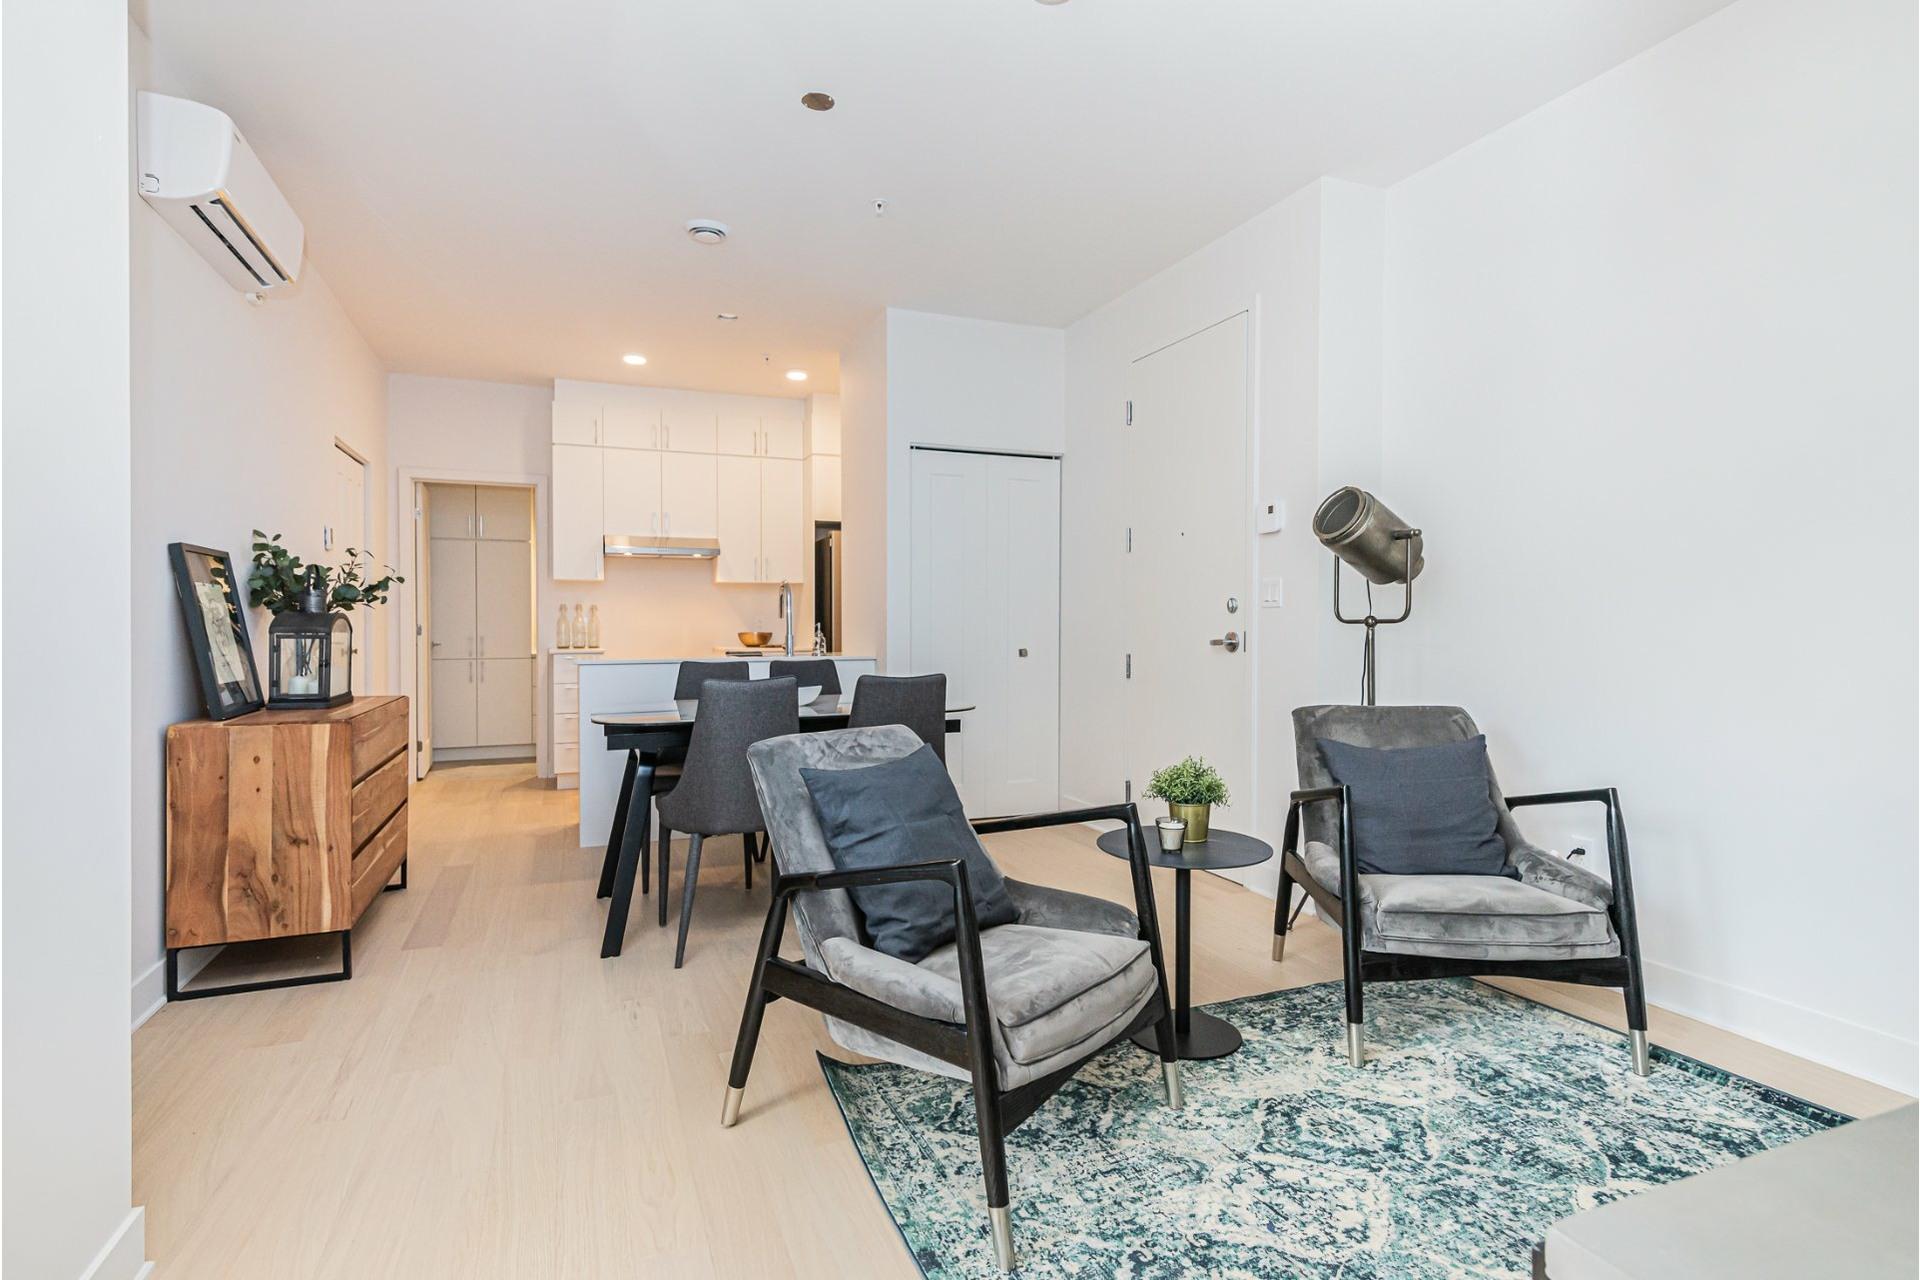 image 20 - Appartement À vendre Rosemont/La Petite-Patrie Montréal  - 5 pièces